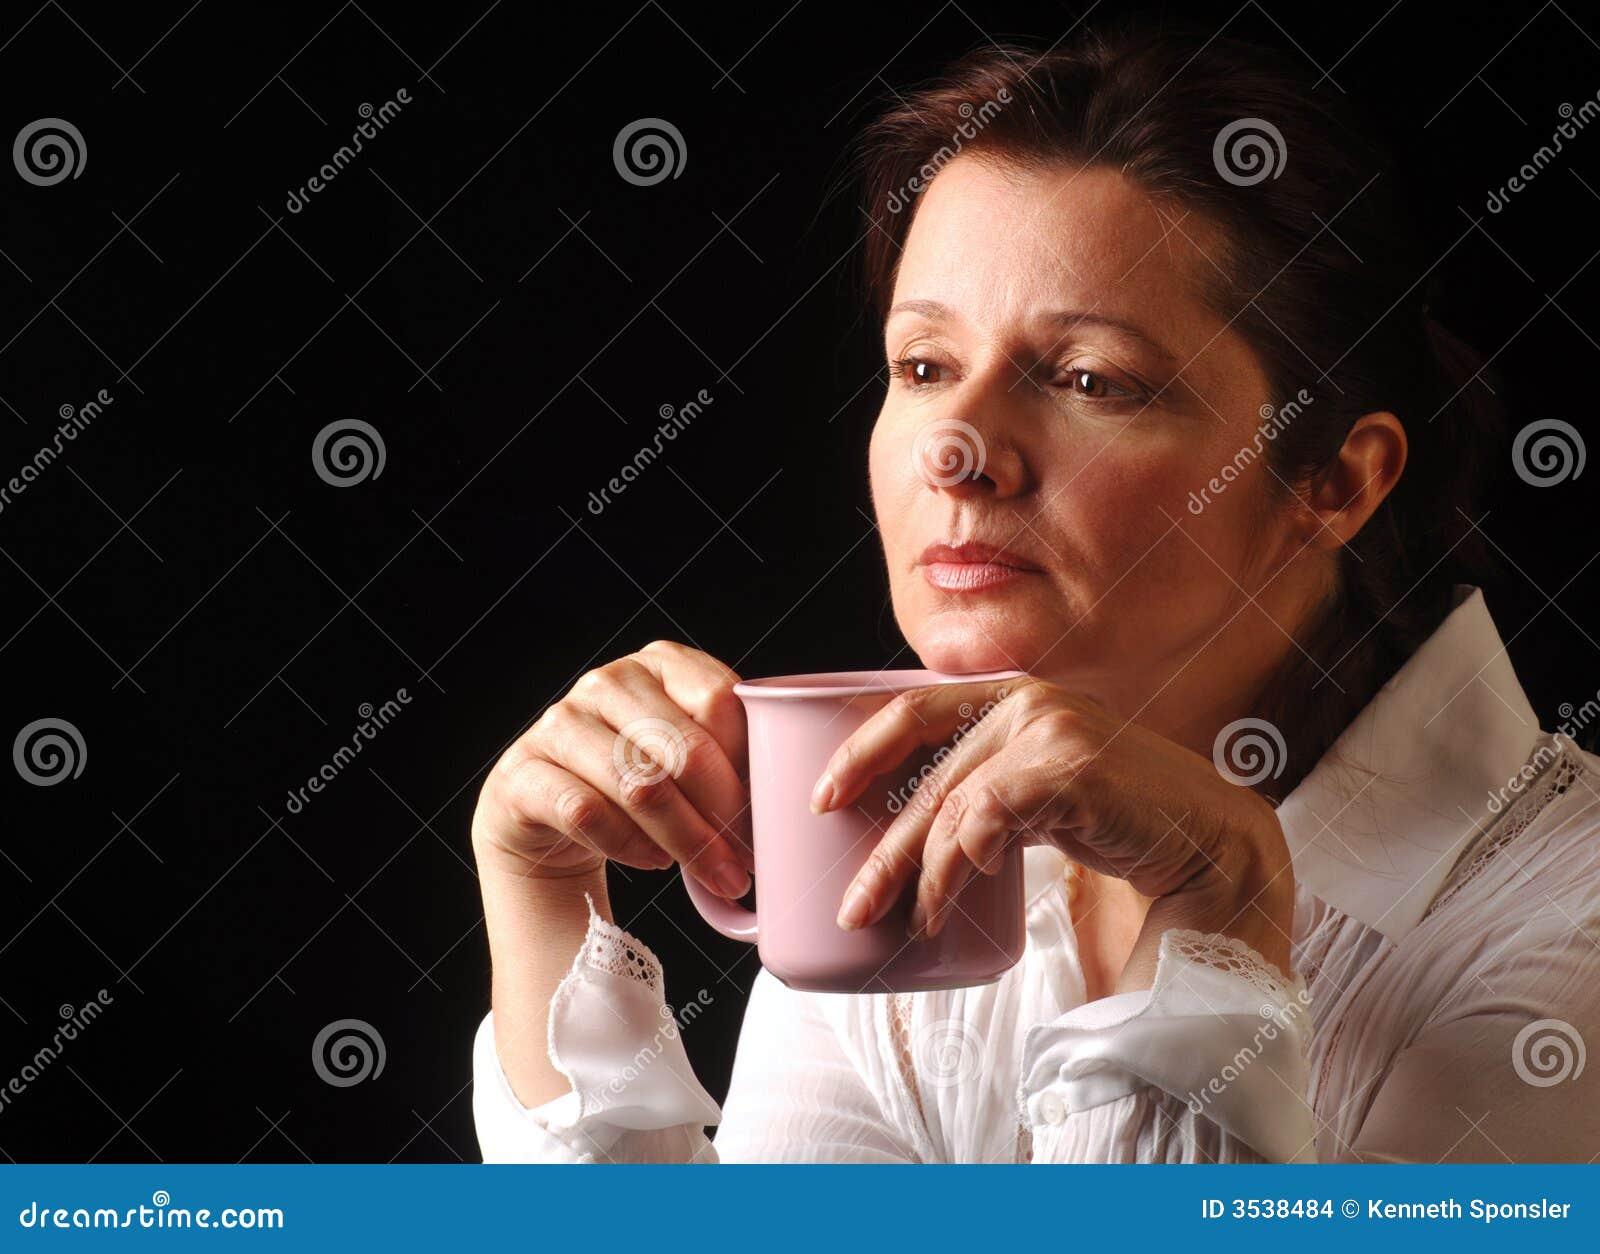 Kaffebegrundande över